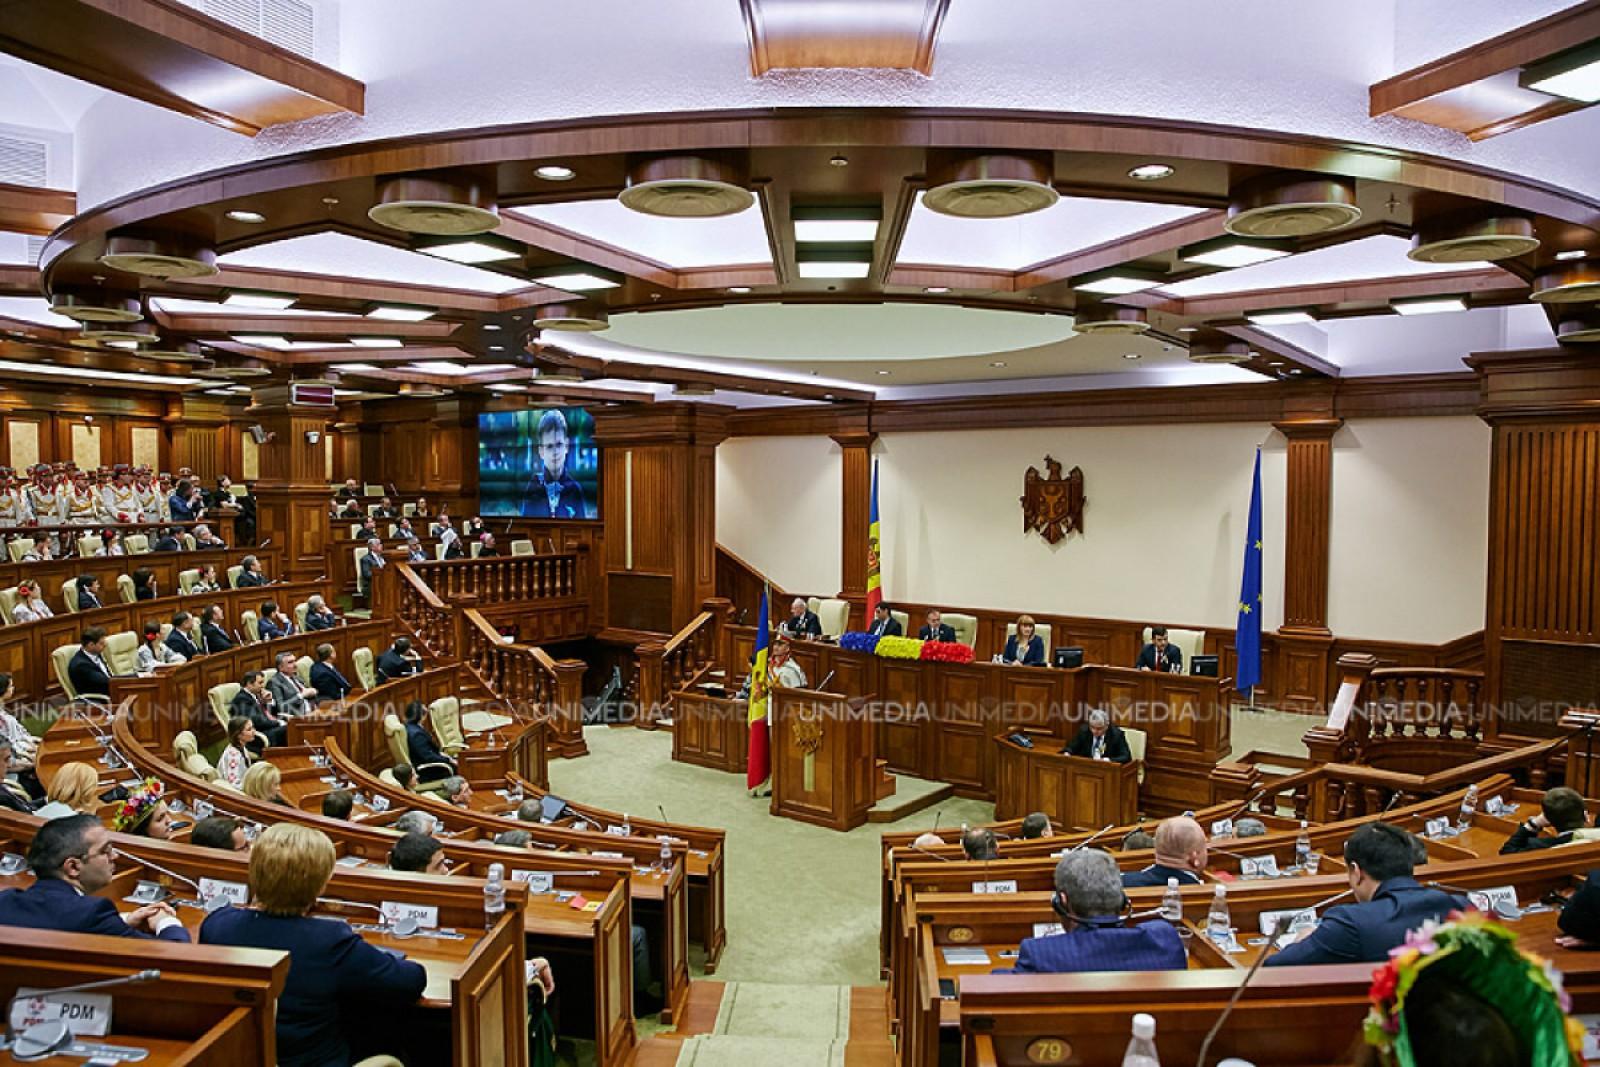 Proiectul de modificare a Codului Audiovizualului revine în Parlament: PDM a propus includerea inițiativei pe ordinea de zi a legislativului